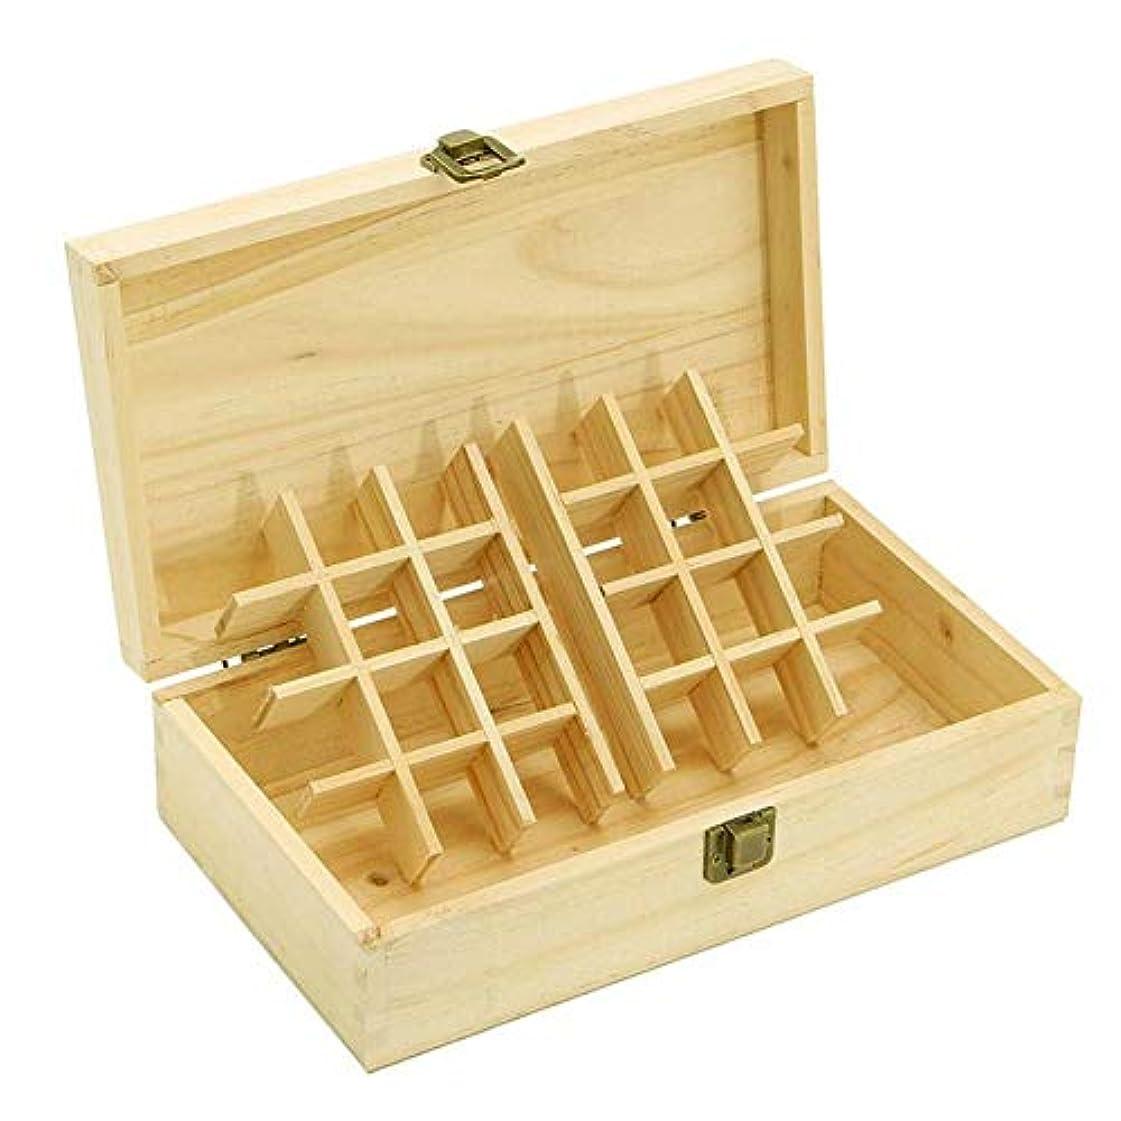 符号うまくいけばリビングルームエッセンシャルオイル収納ボックス 純木の精油の収納箱 香水収納ケース アロマオイル収納ボックス